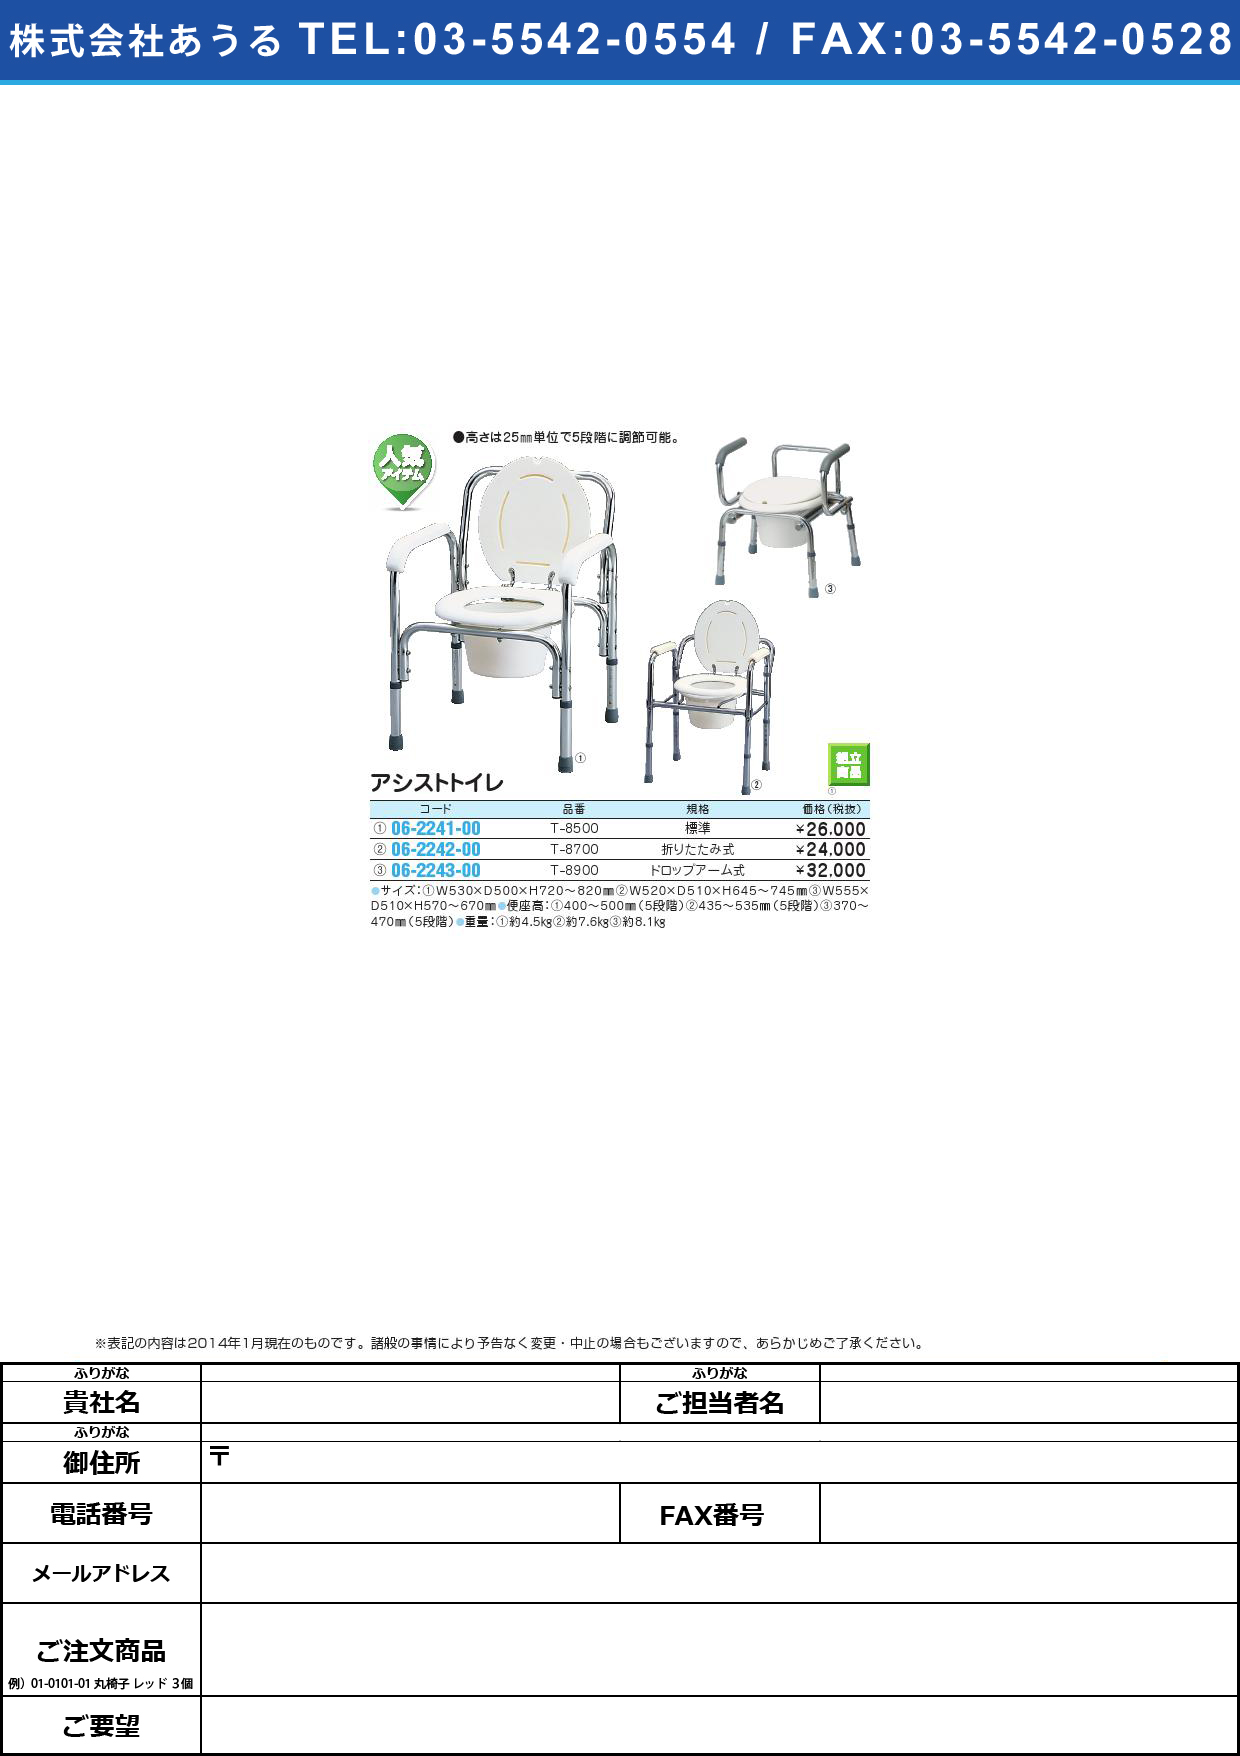 ★人気!【組立商品】アシストトイレ アシストトイレ T-8500【1台単位】(06-2241-00)